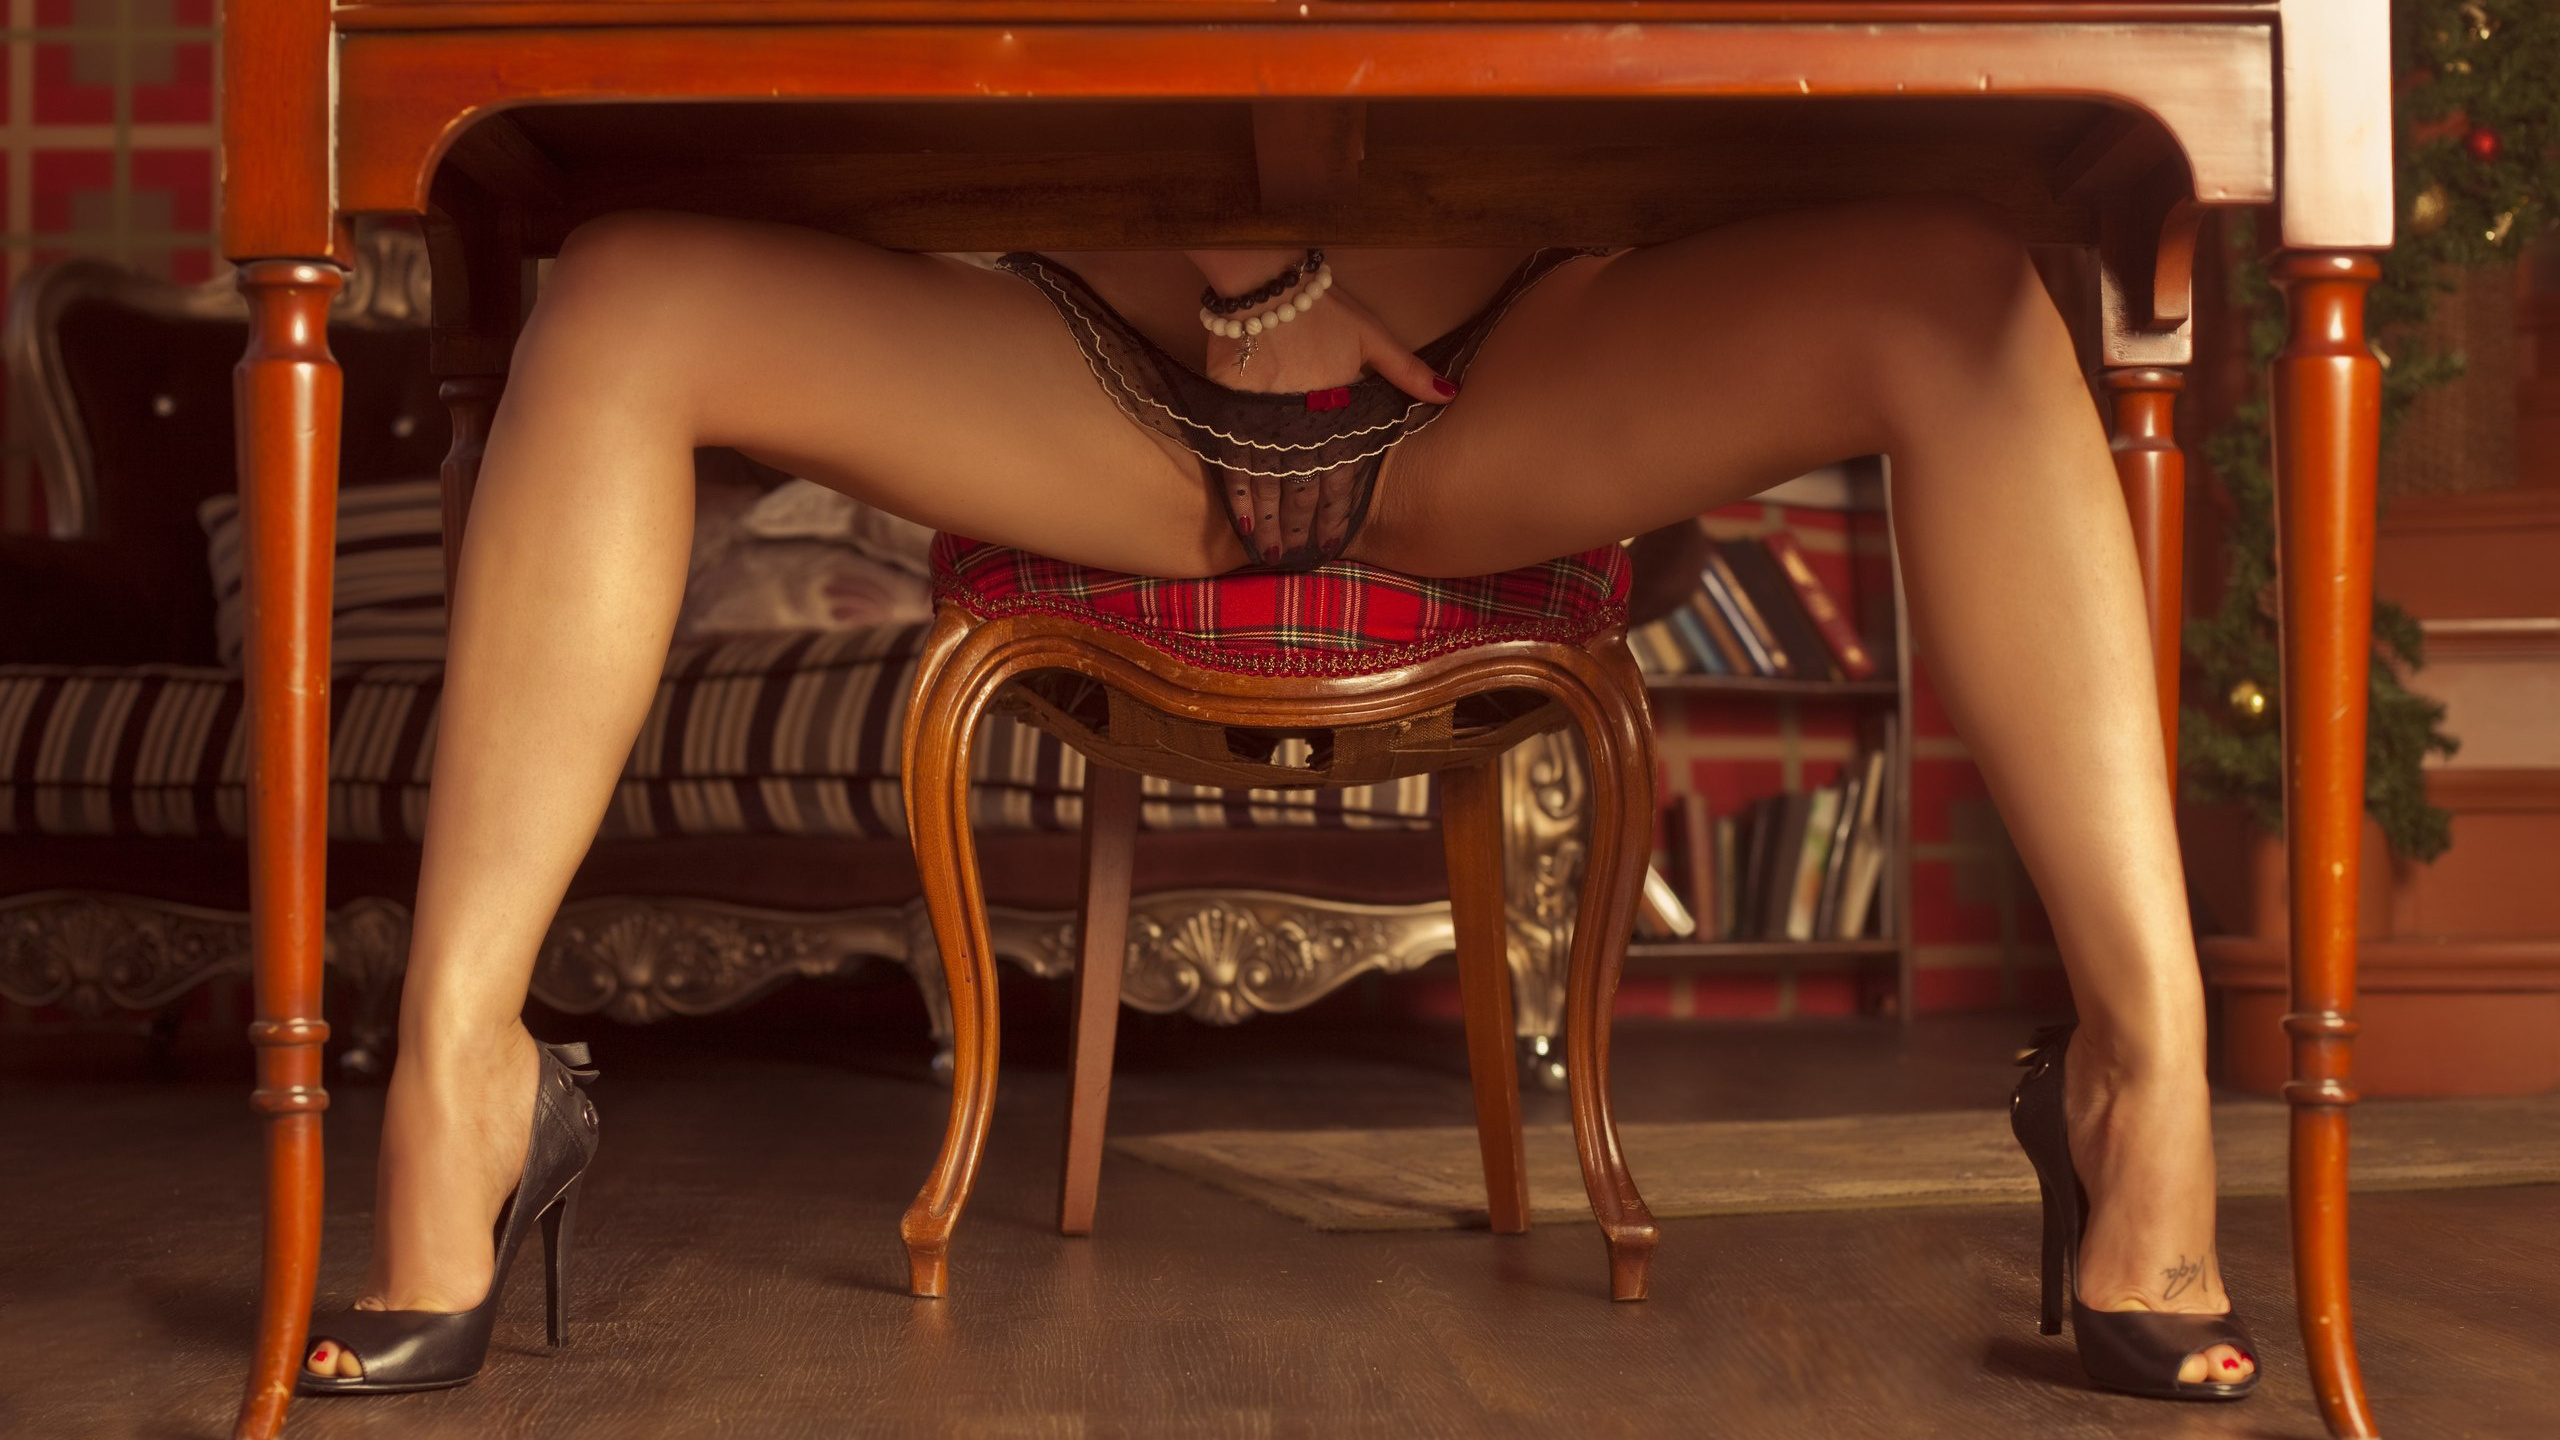 Мастурбация женскими ножками 25 фотография